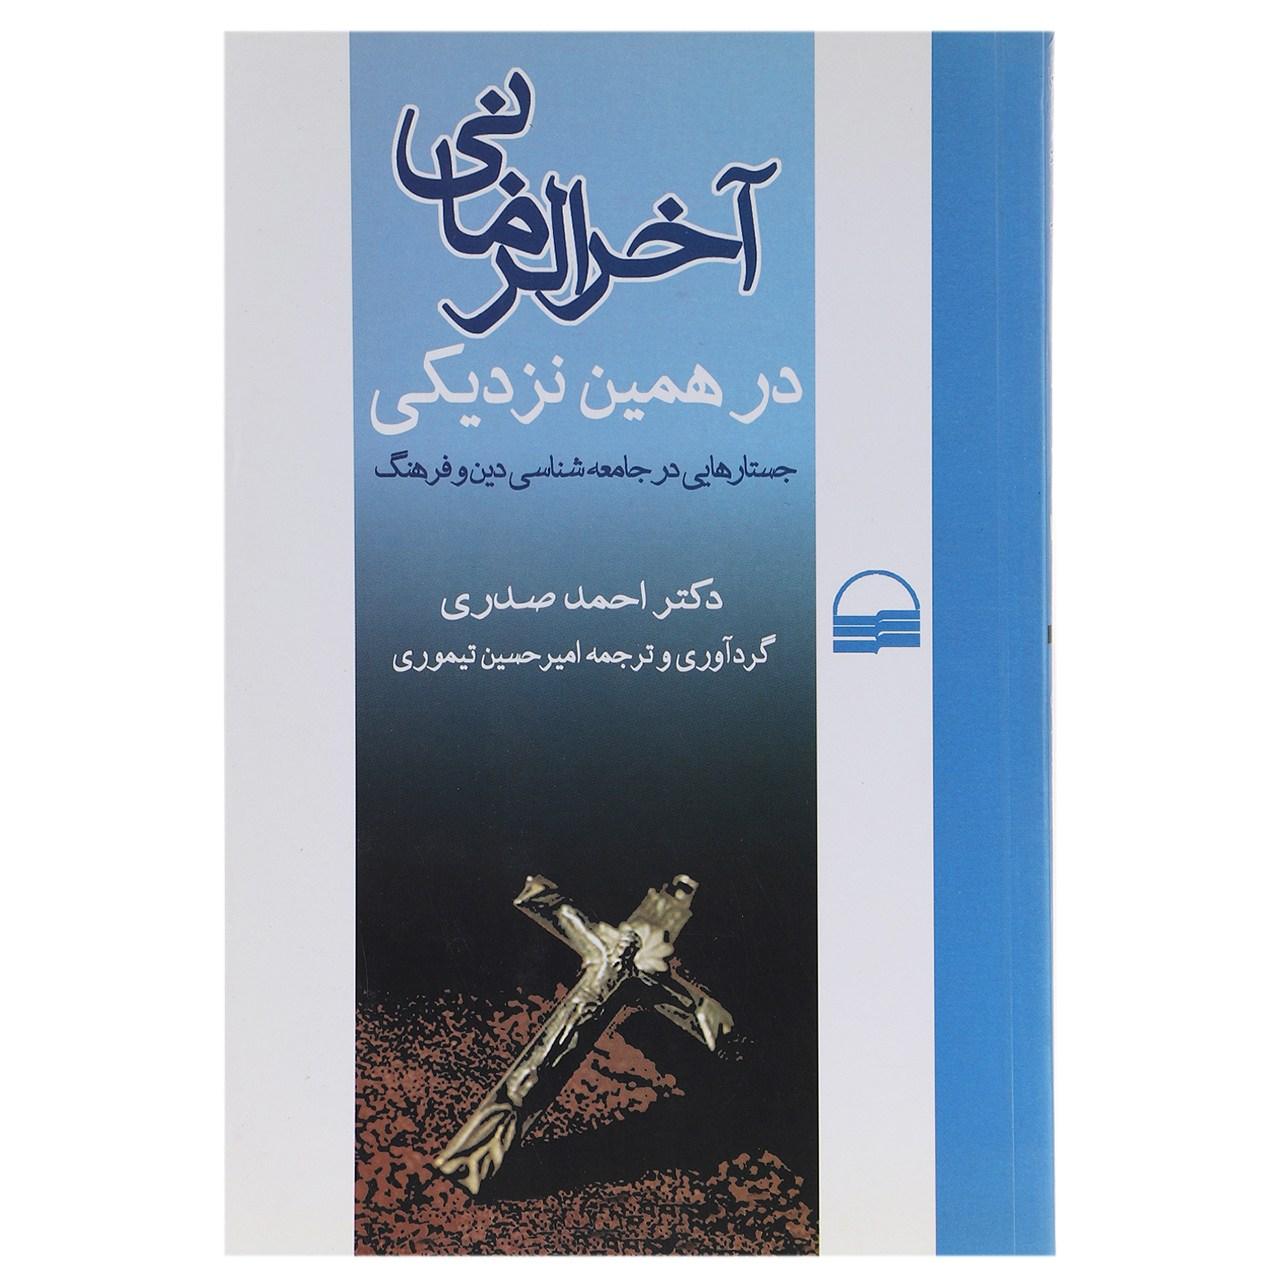 کتاب آخر الزمانی در همین نزدیکی اثر احمد صدری